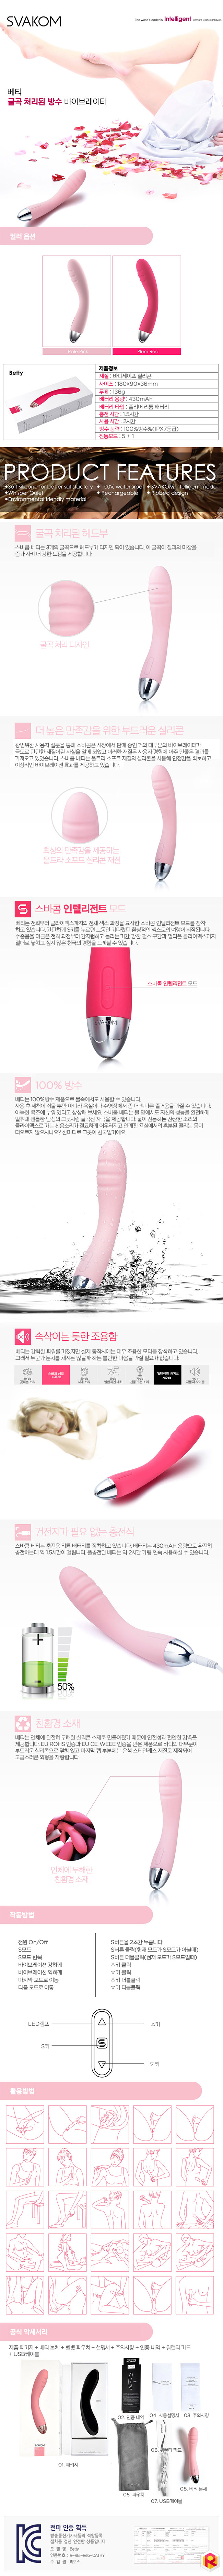 여자 성인용품 명품 진동기 바이브레이터 스바콤 BETTY 베티 자위기구 에이치플레이